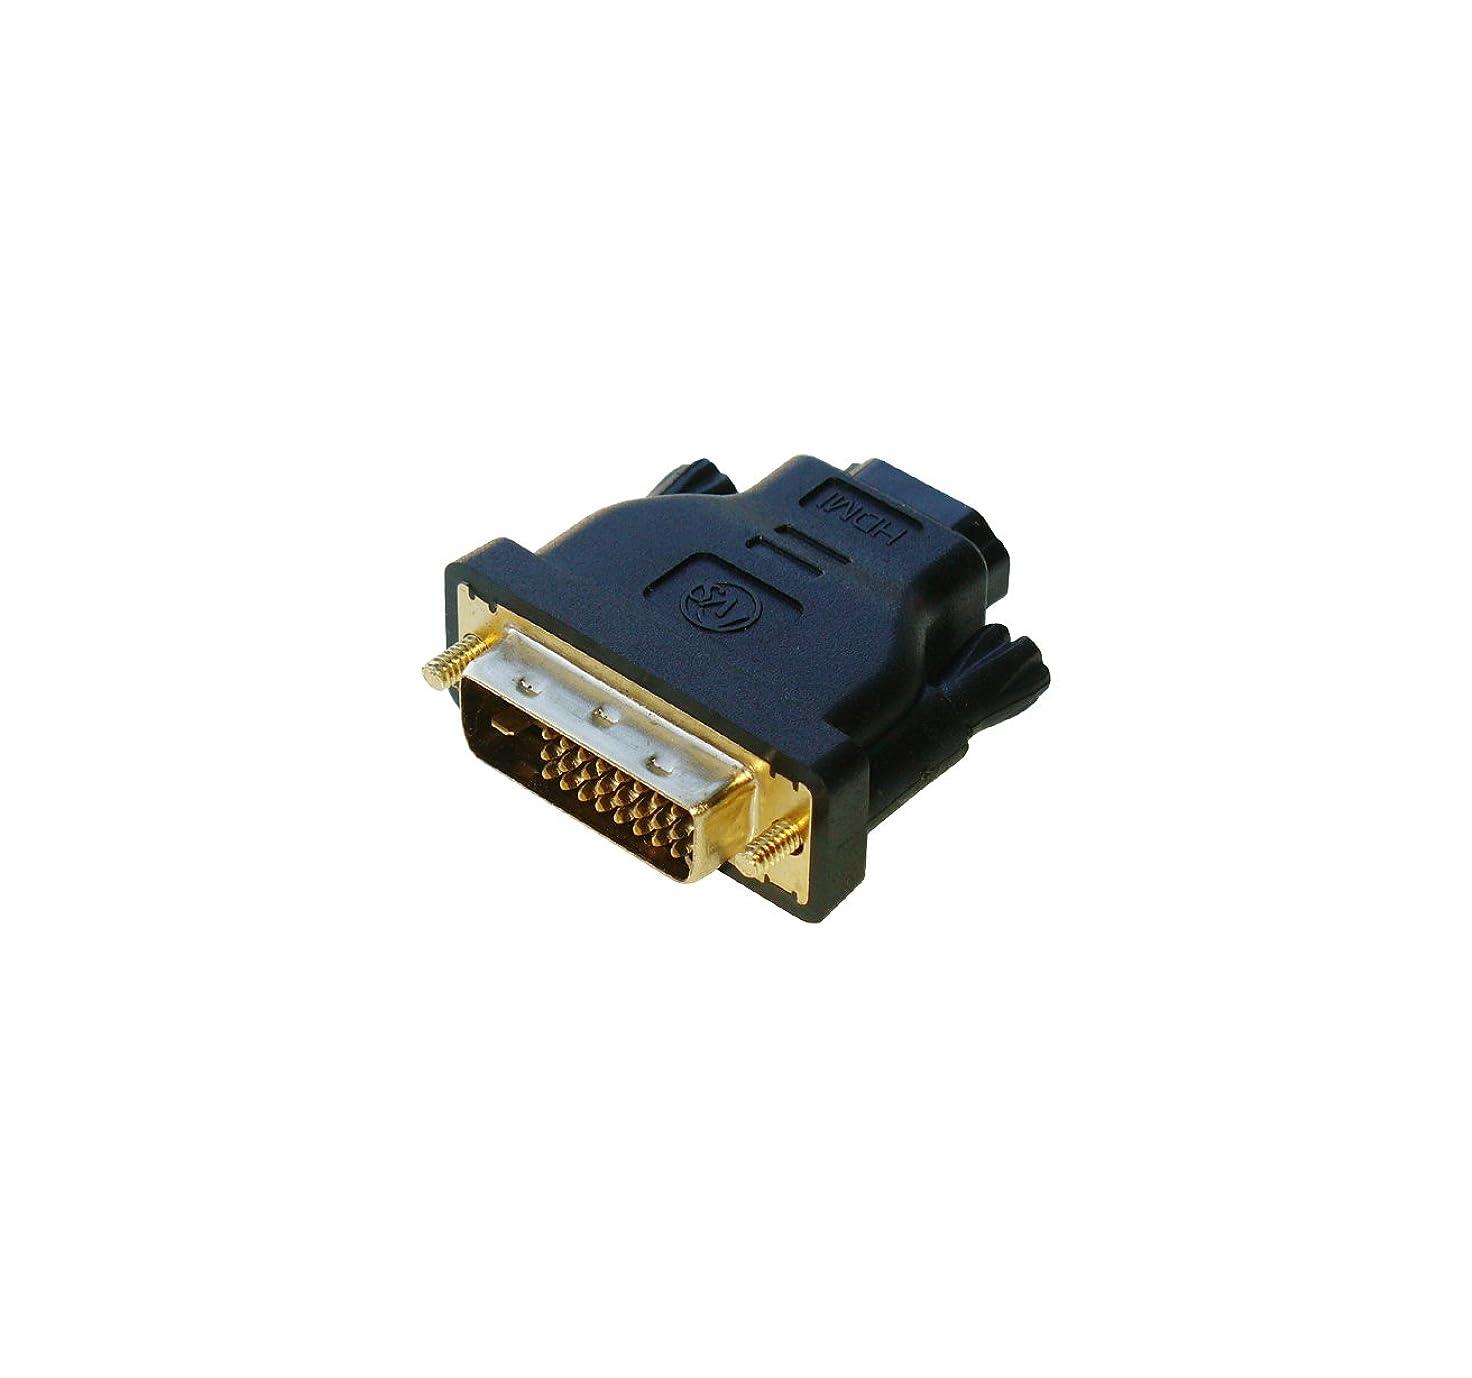 教えて丁寧先HDMI DVI 変換アダプター HDMIメス-DVI 24ピンオス変換